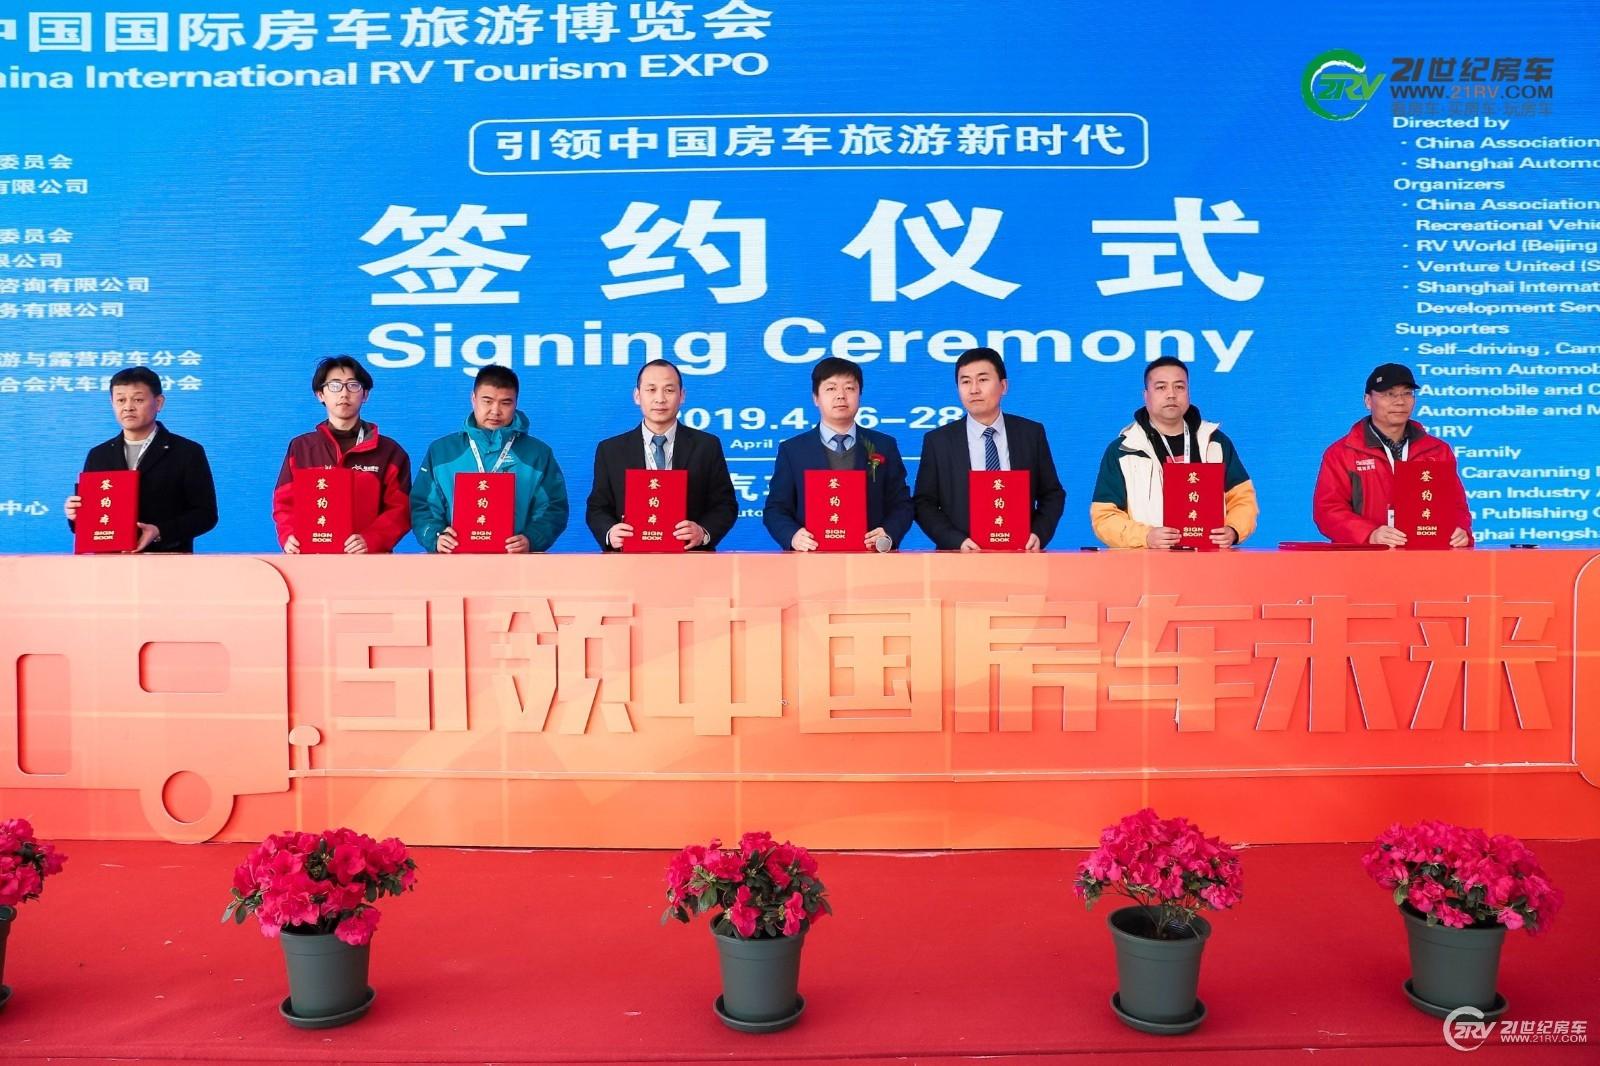 现场成交2617台 第18届中国(北京)国际房车露营展览会圆满闭幕 ...